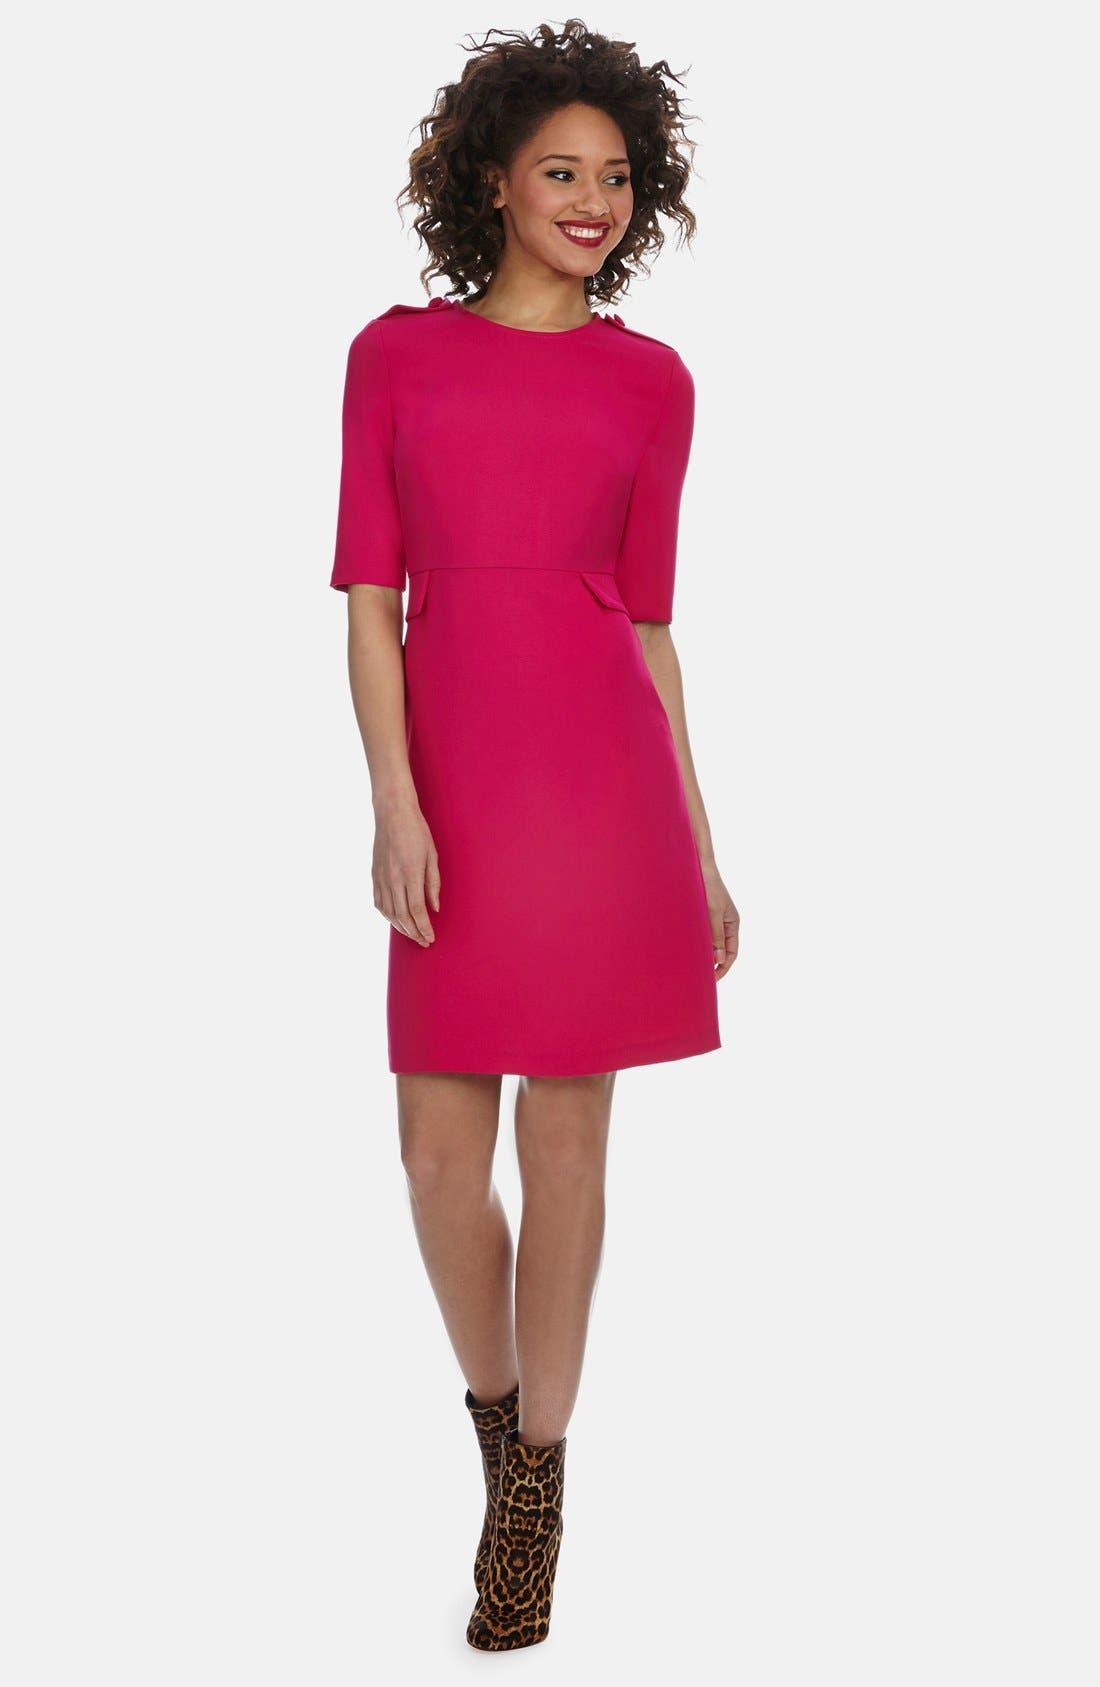 Alternate Image 1 Selected - Donna Morgan Crepe Sheath Dress (Regular & Petite)